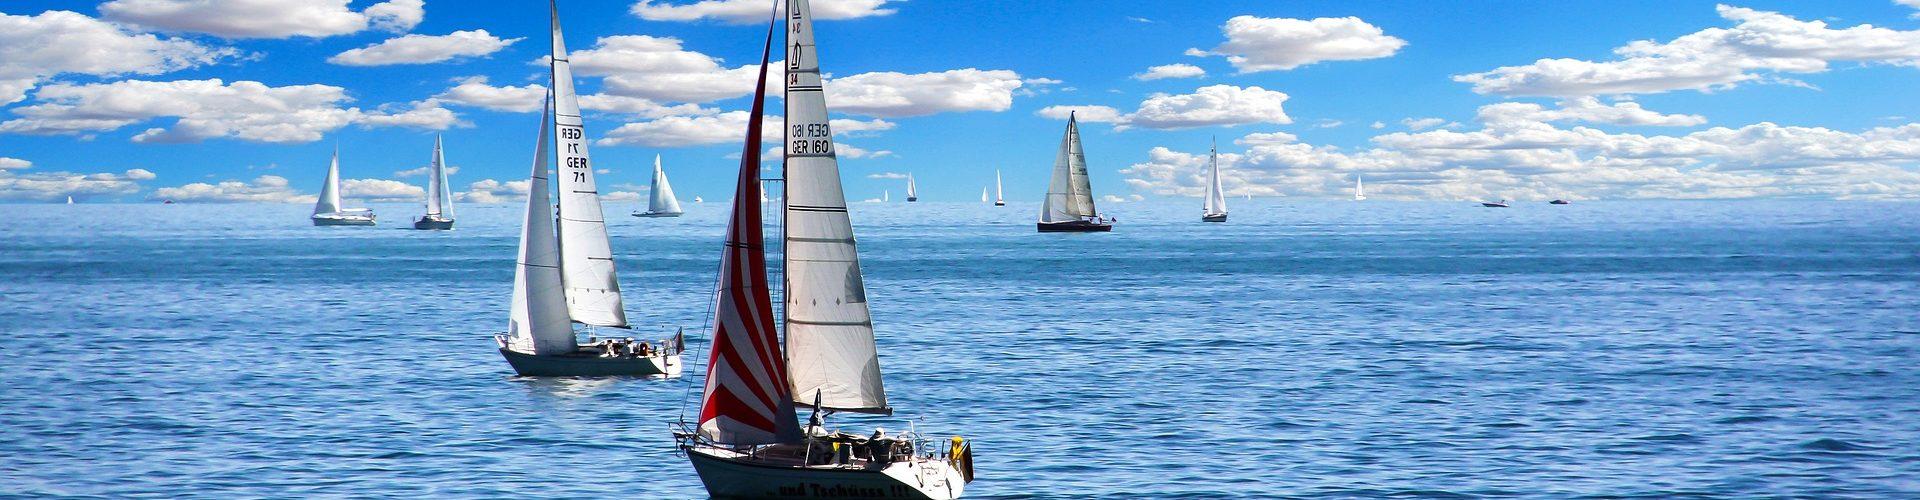 segeln lernen in Egelsbach segelschein machen in Egelsbach 1920x500 - Segeln lernen in Egelsbach